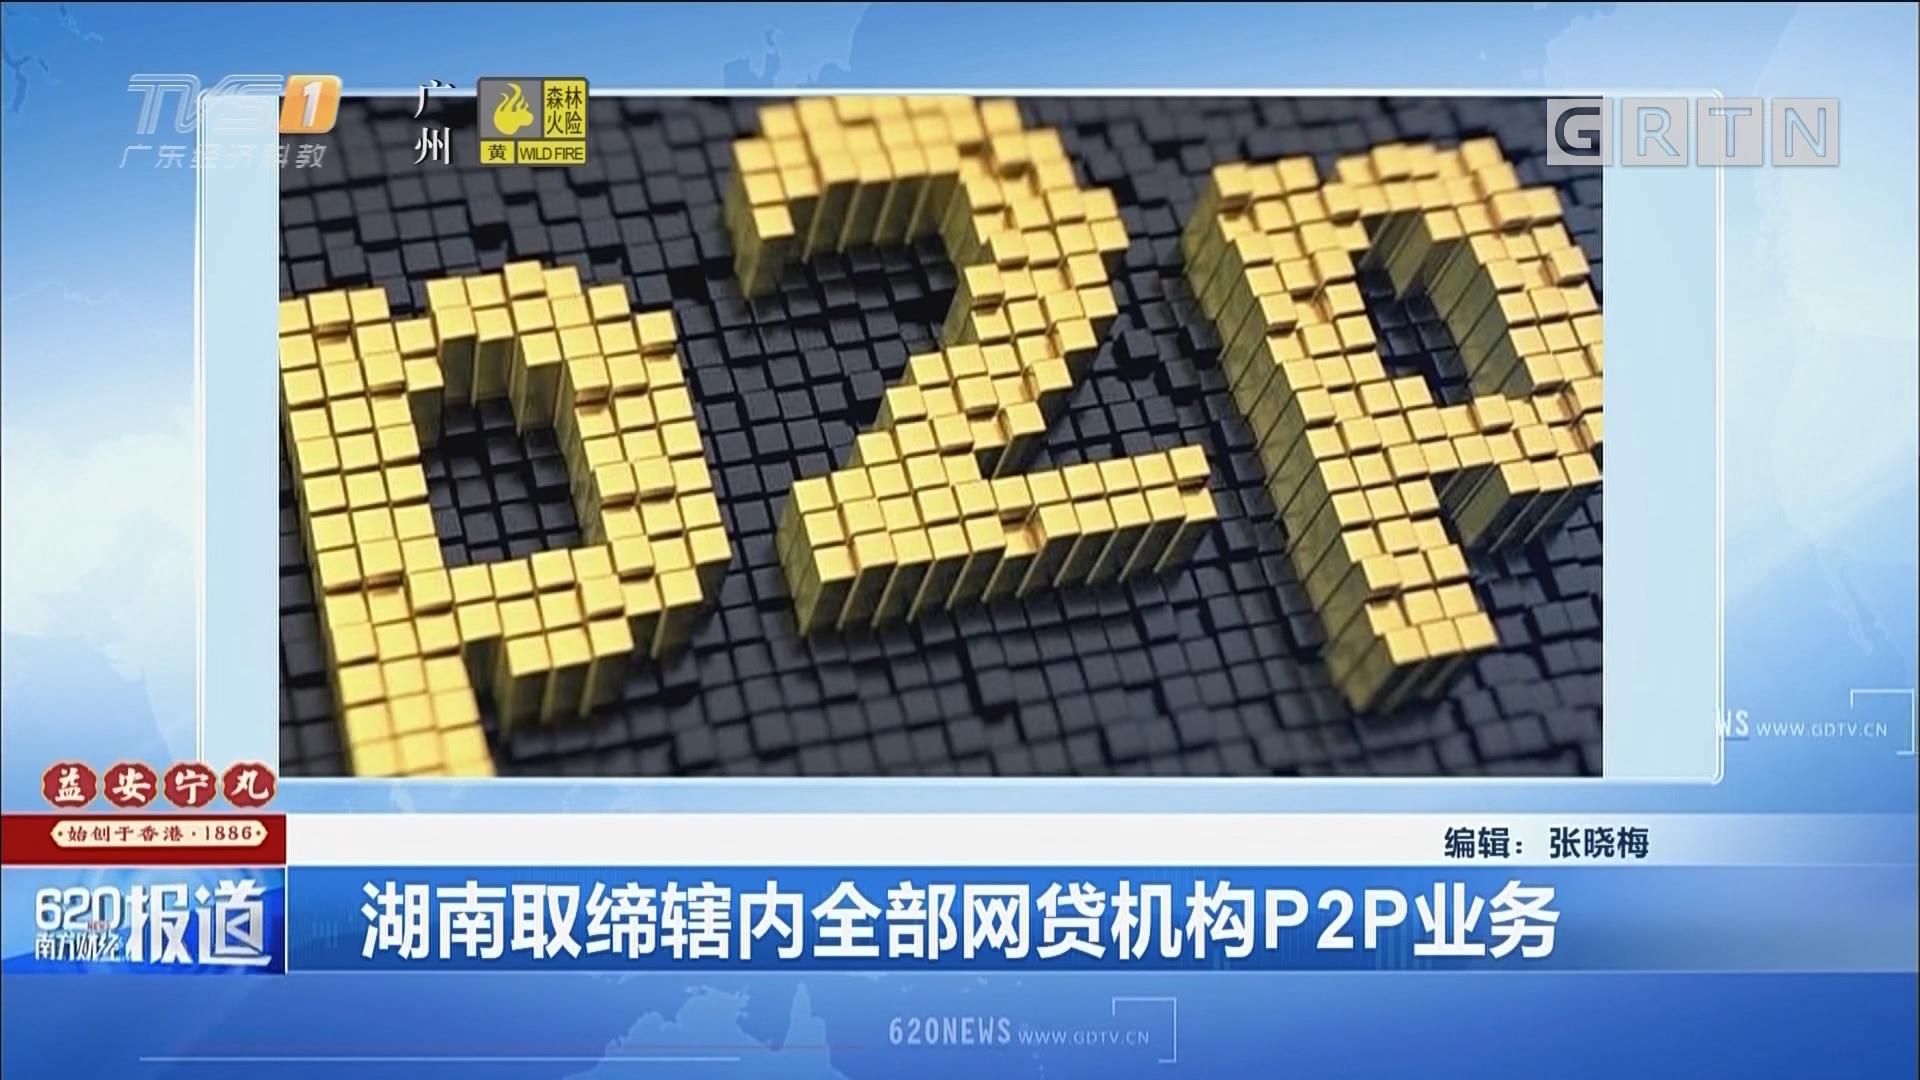 湖南取缔辖内全部网贷机构P2P业务